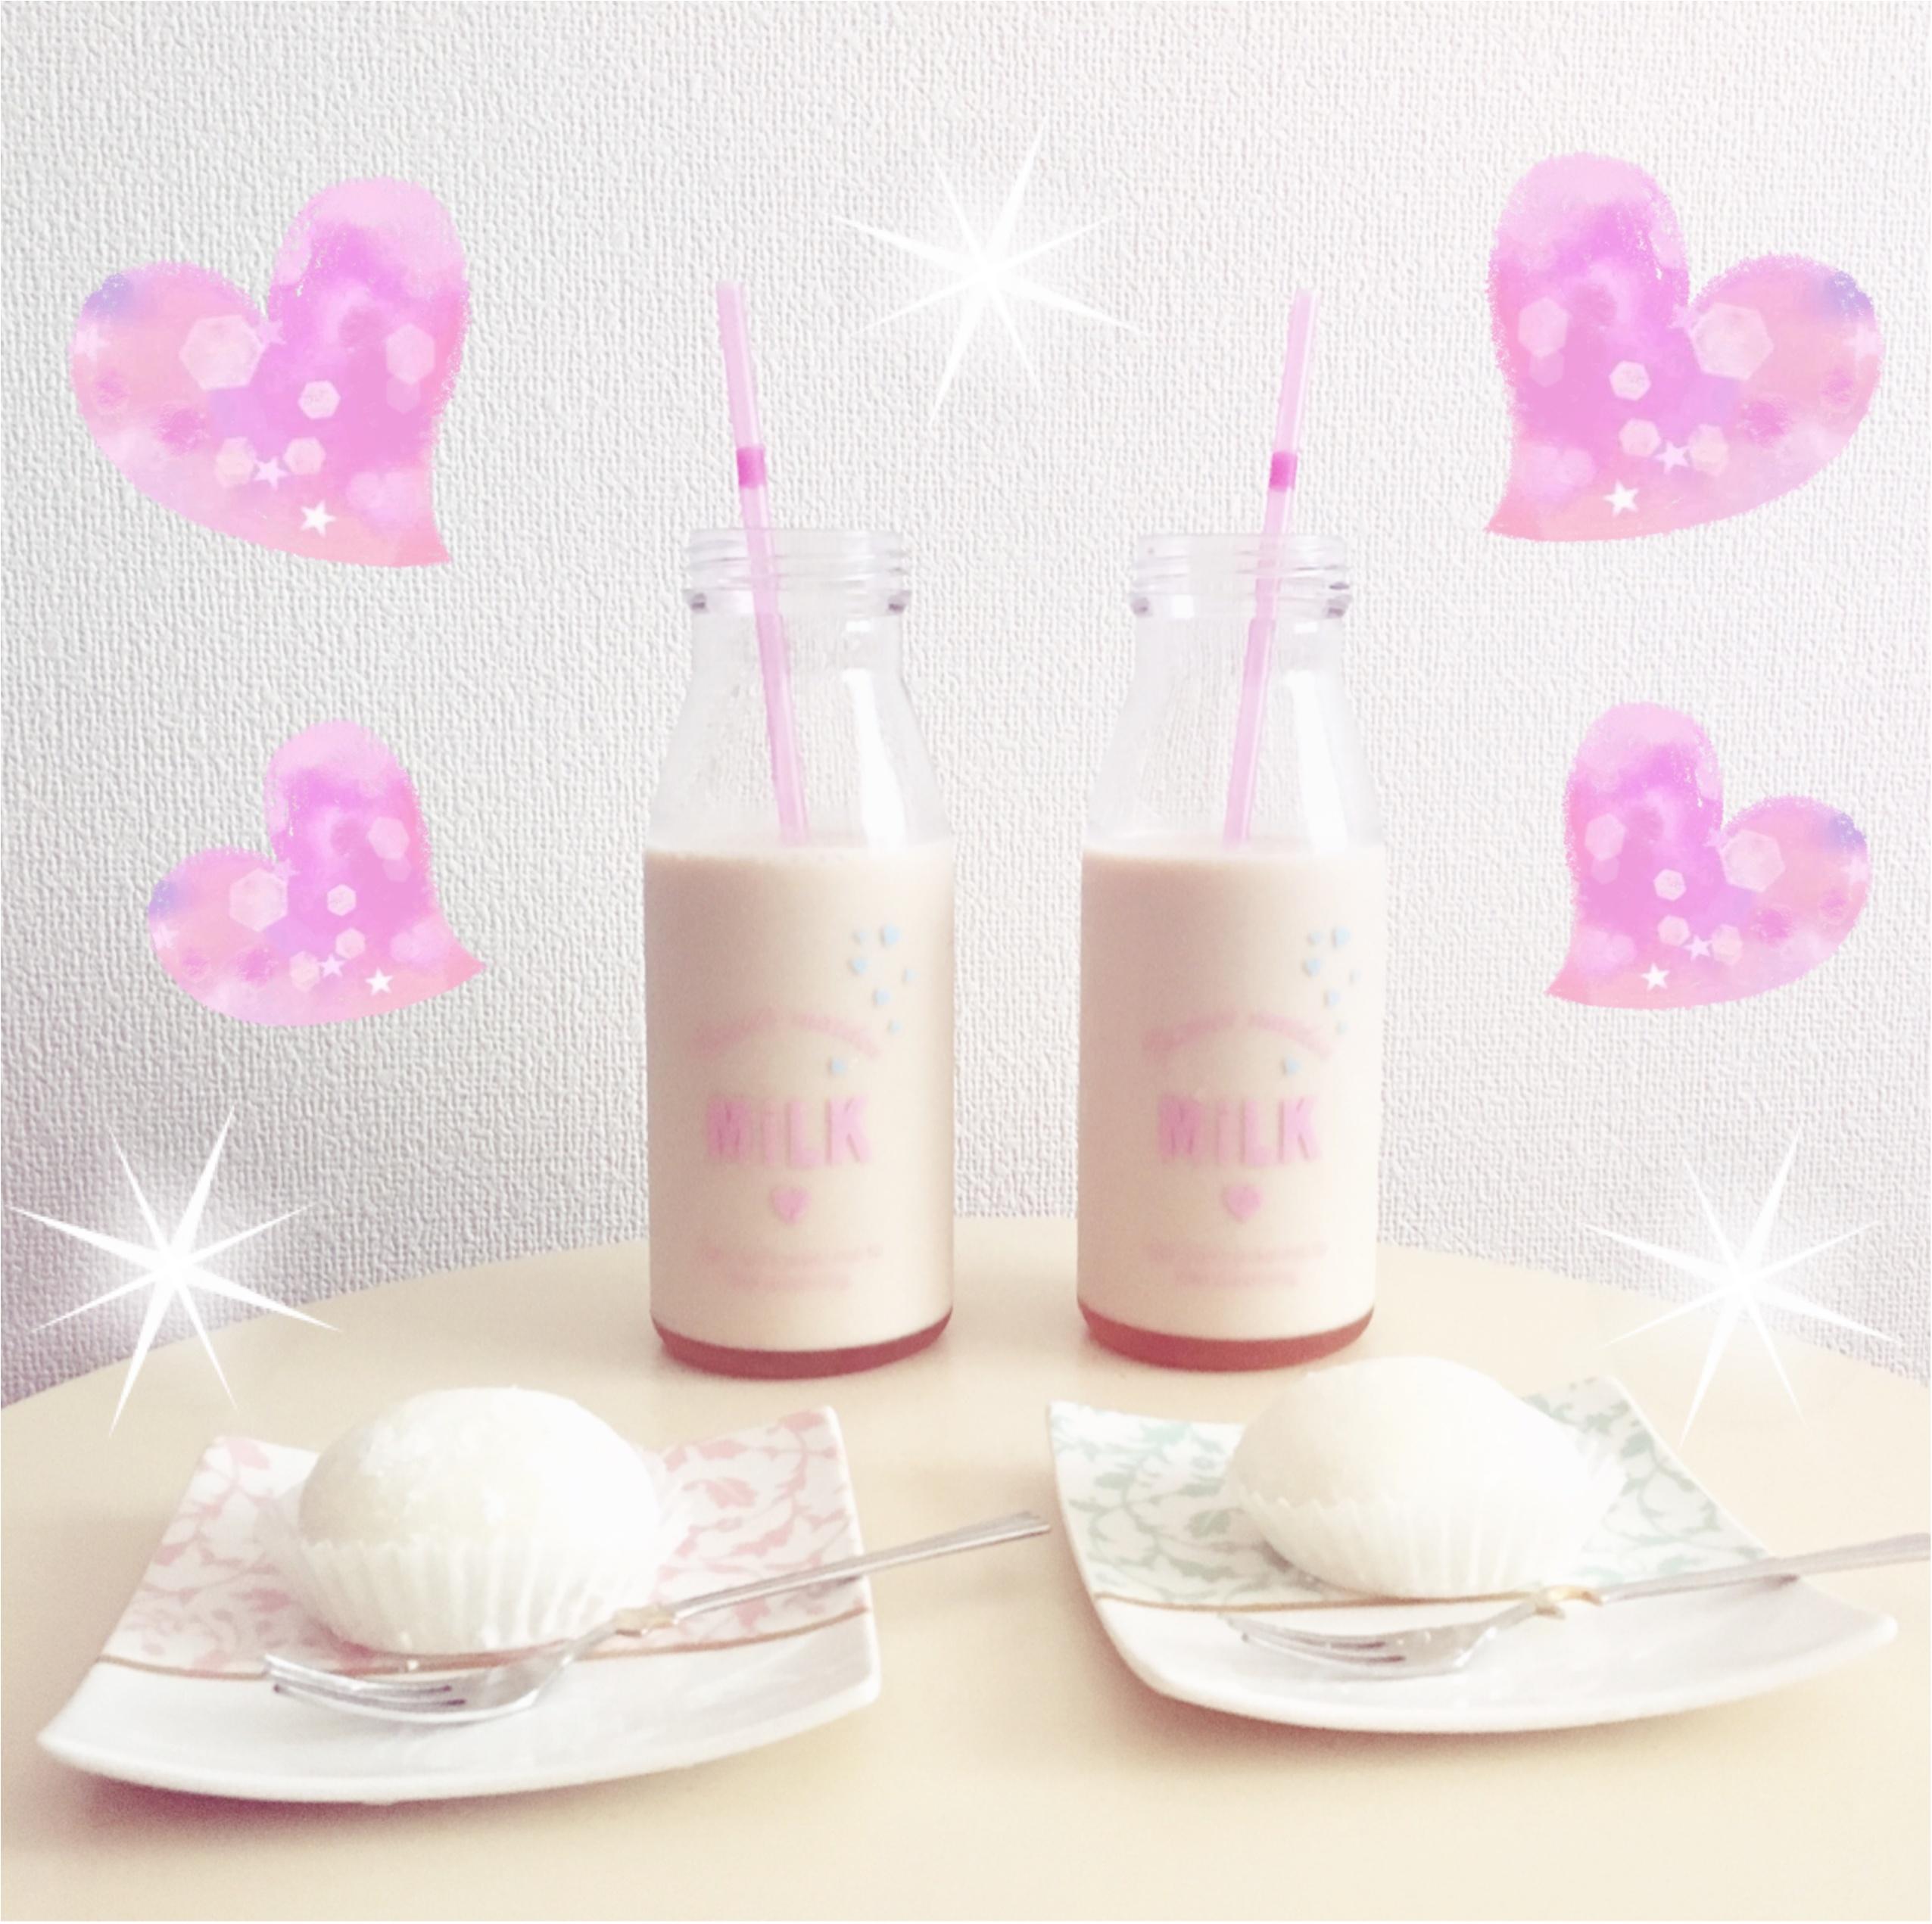 コレが108円⁉︎ドリンクボトルが牛乳瓶みたいでかわいい♡おうちカフェにも♡_3